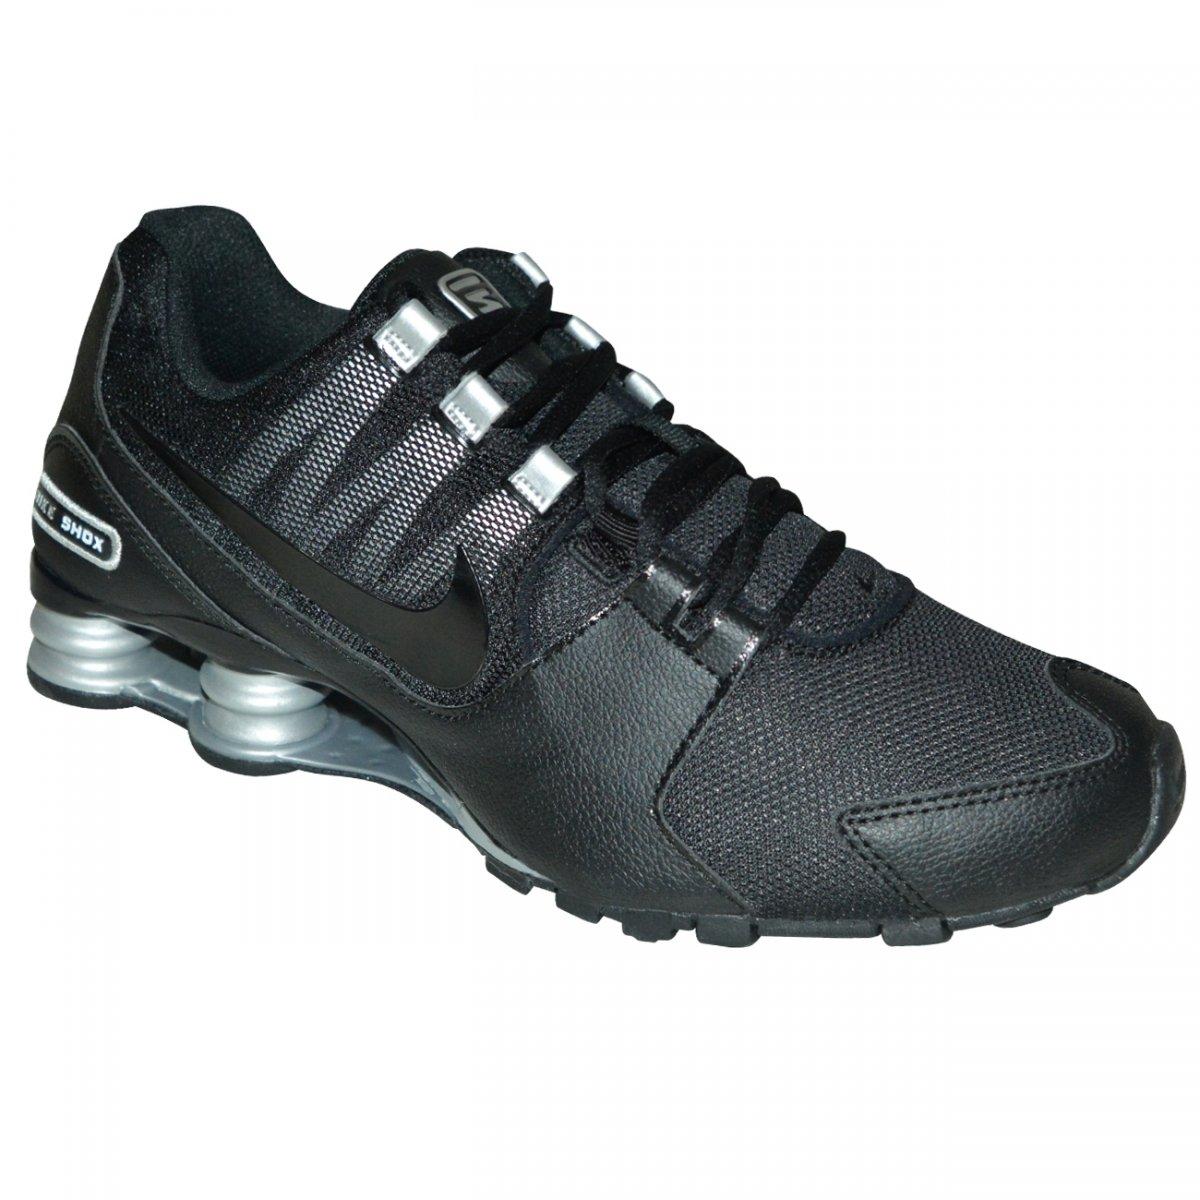 aedc4ea89d6 Tenis Nike Shox Avenue 833583 001 - Preto preto prata - Chuteira Nike